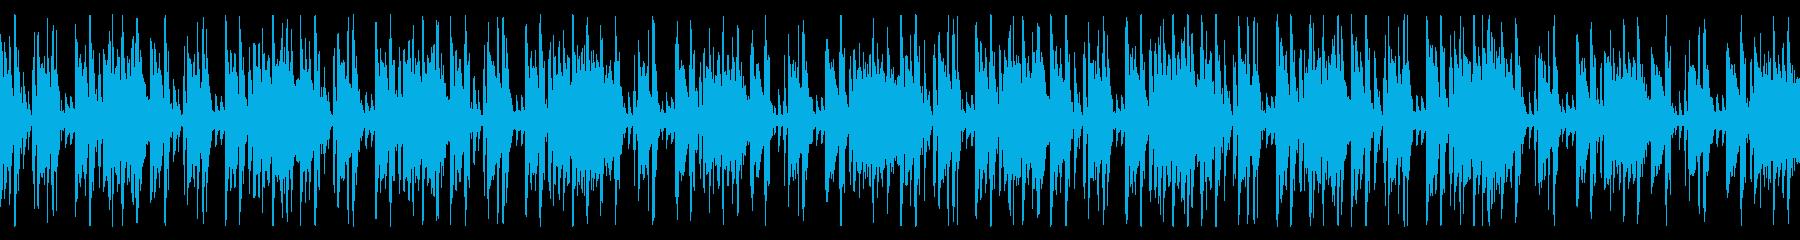 賑やかでかわいげのある日常のBGMの再生済みの波形